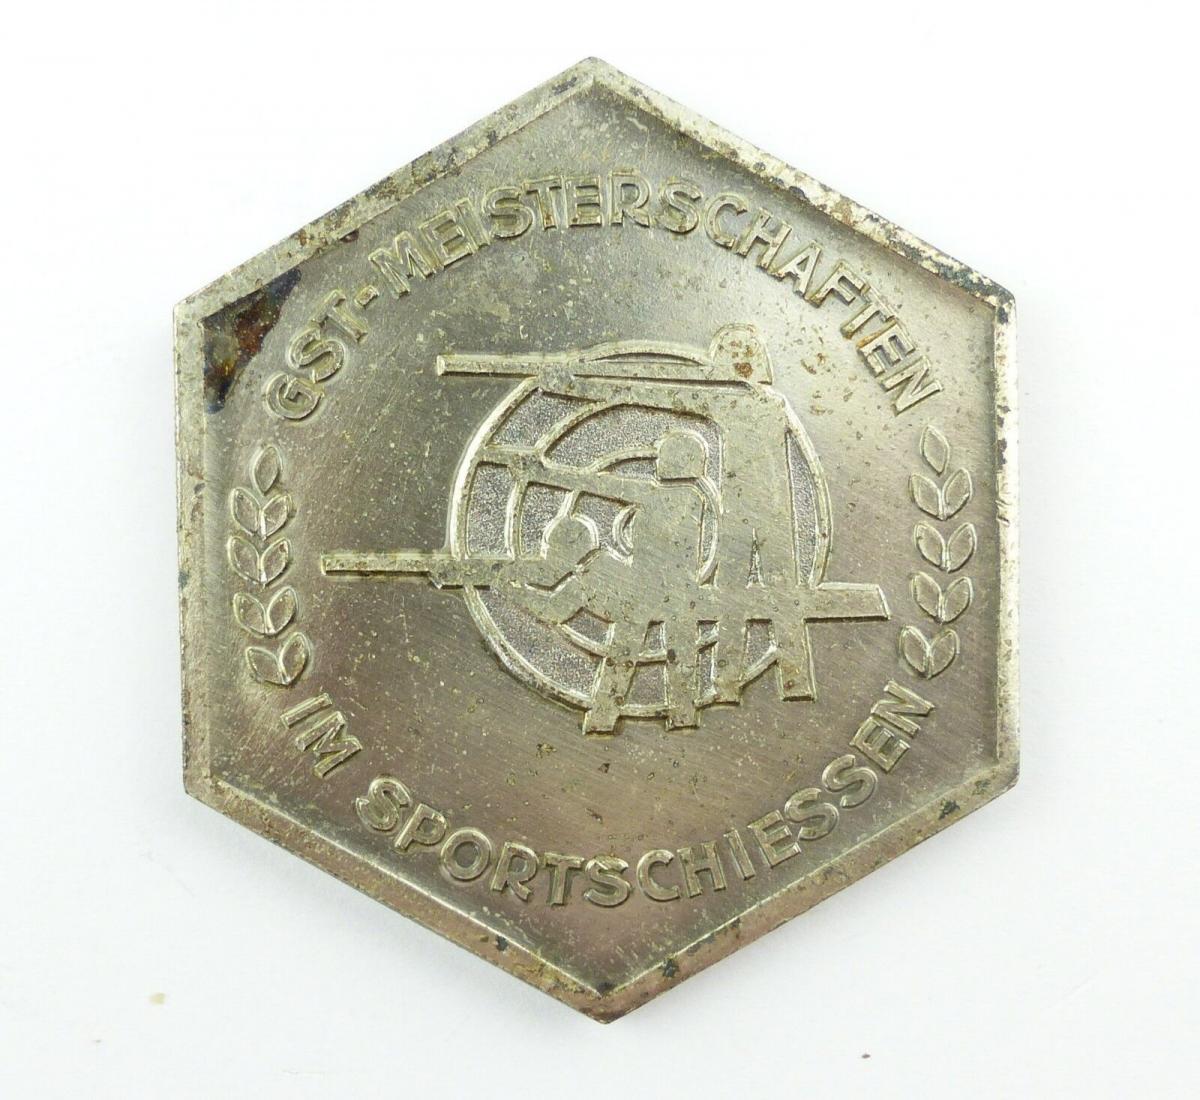 E9361 DDR Plakette GST Meisterschaften im Sportschiessen silberfarben